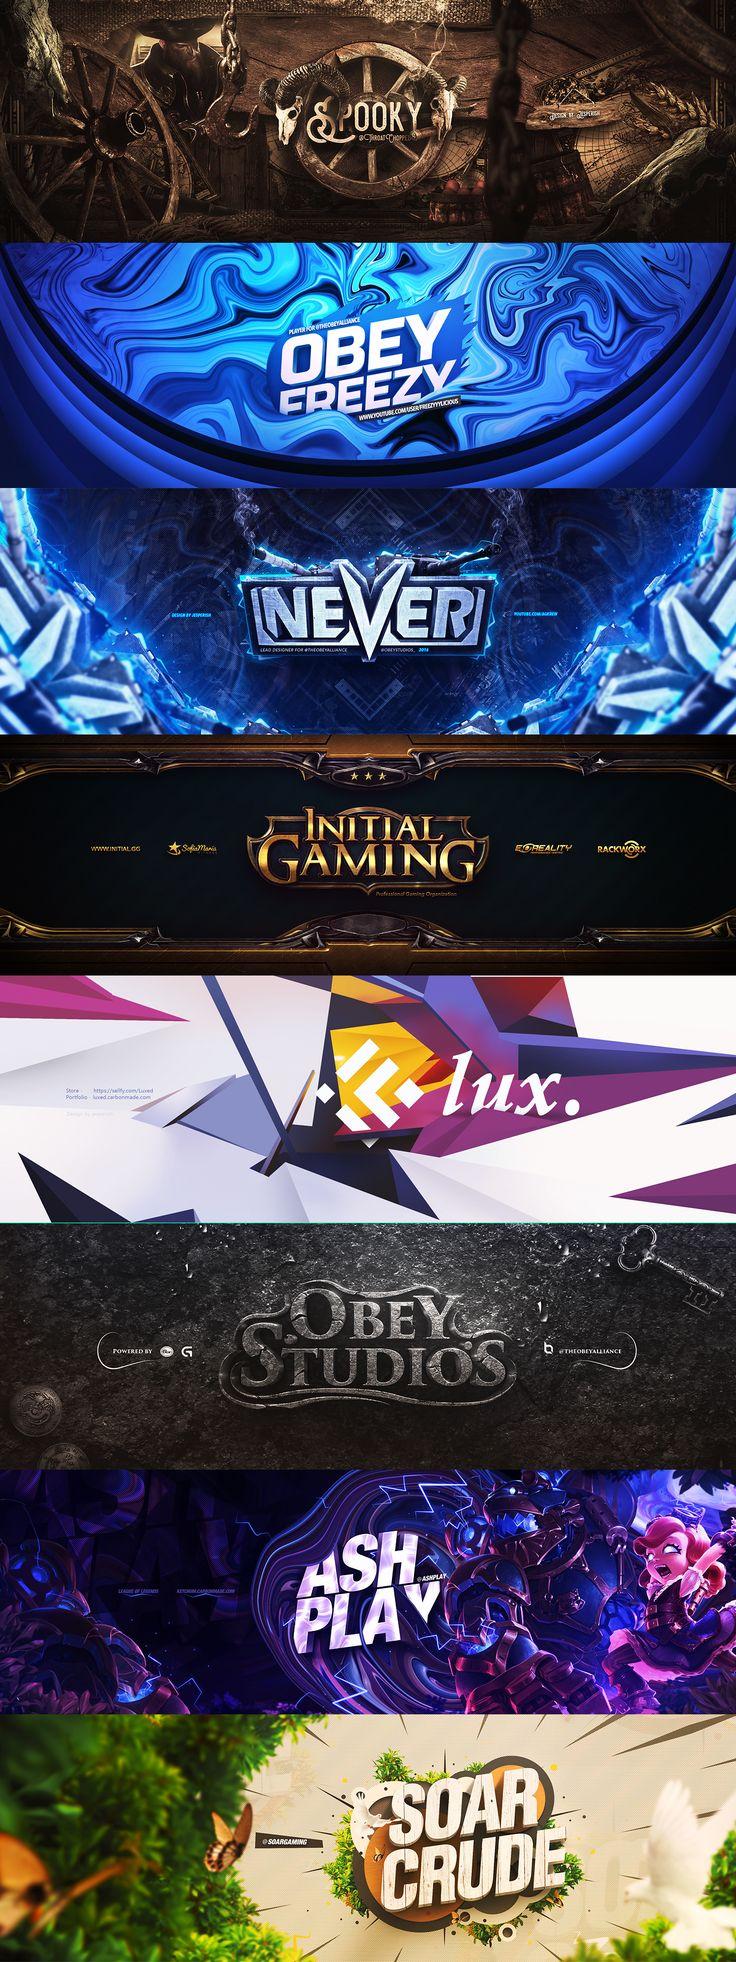 Banner design on Behance